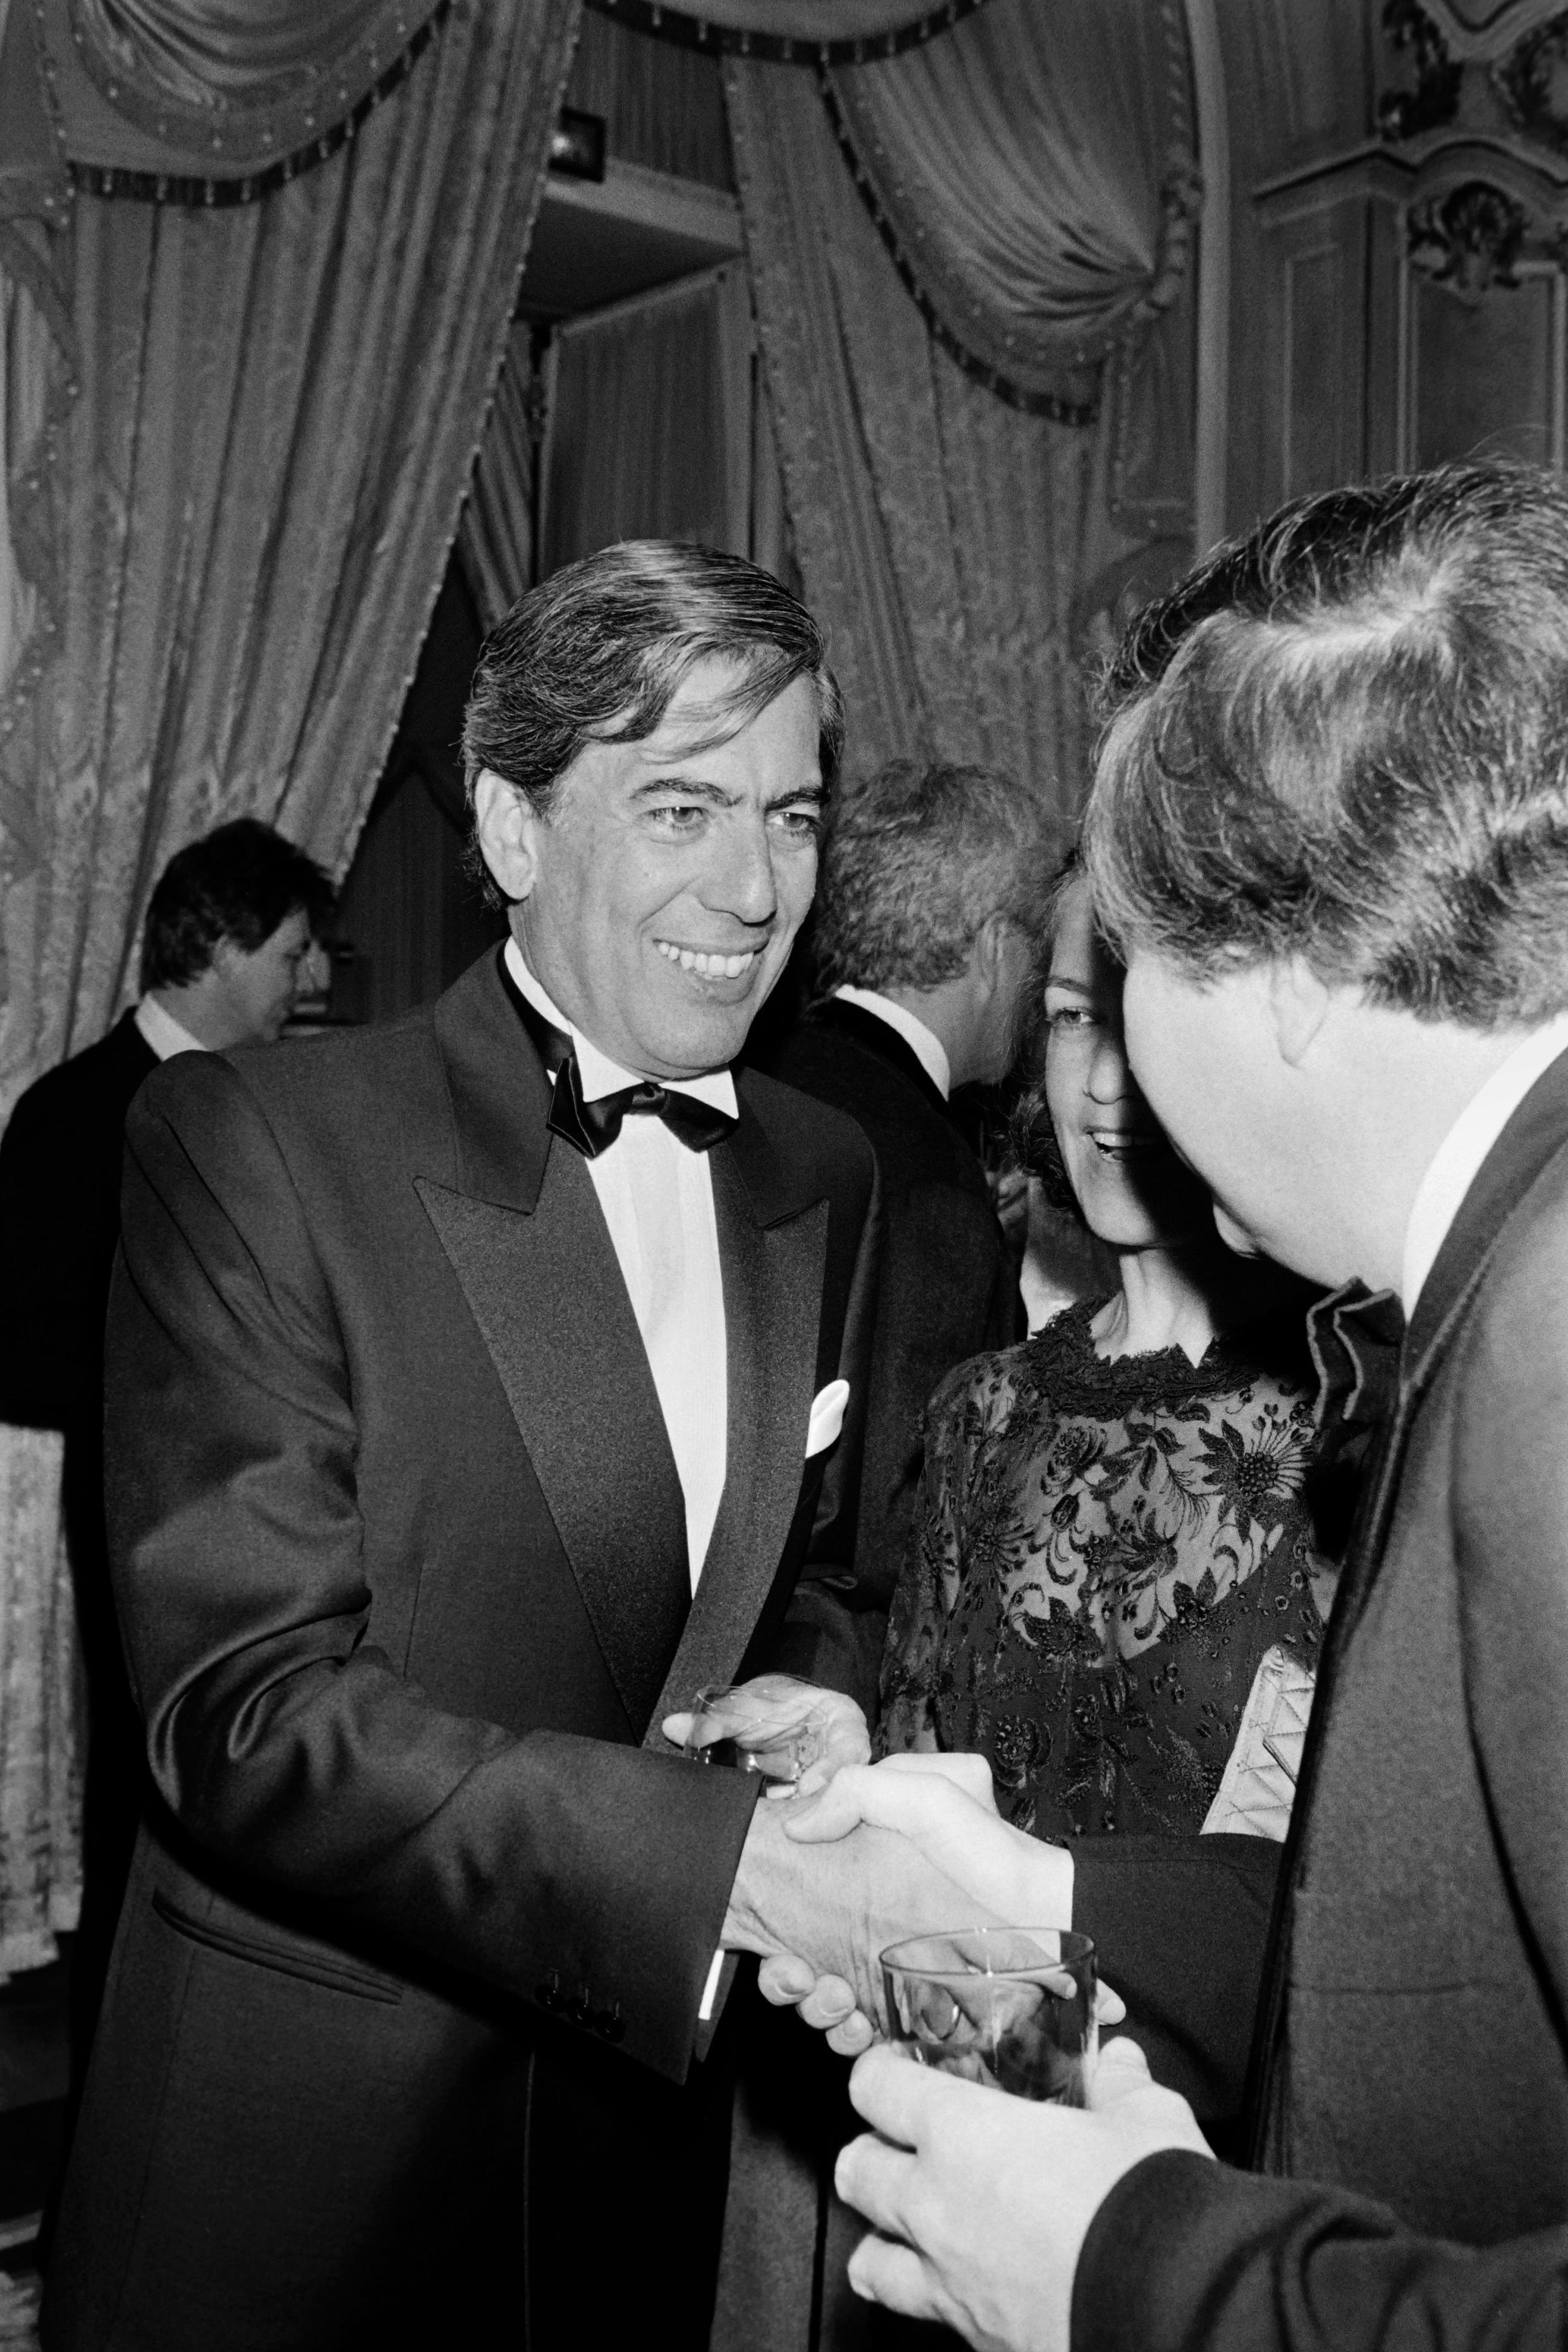 یوسا، مارس ۱۹۸۵، هنگام دریافت جایزه همینگوی در هتل ریتز در پاریس، جایی که ارنست همینگوی، نویسنده آمریکایی، مدتی در آن اقامت داشت